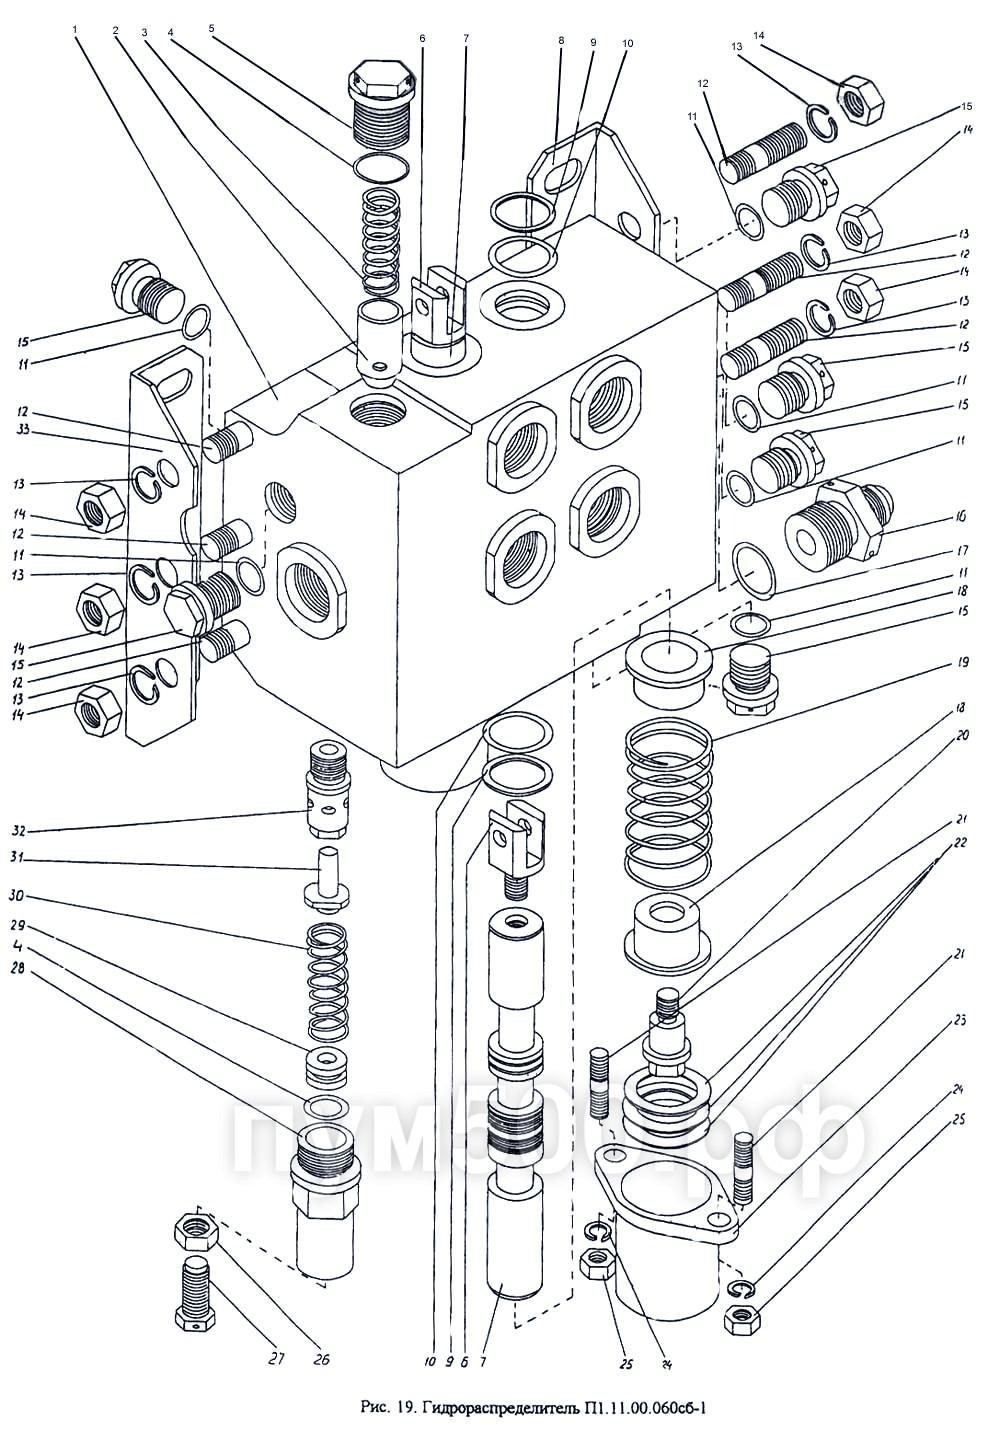 ПУМ-500 - Гидрораспределитель П1.11-00.060сб-1